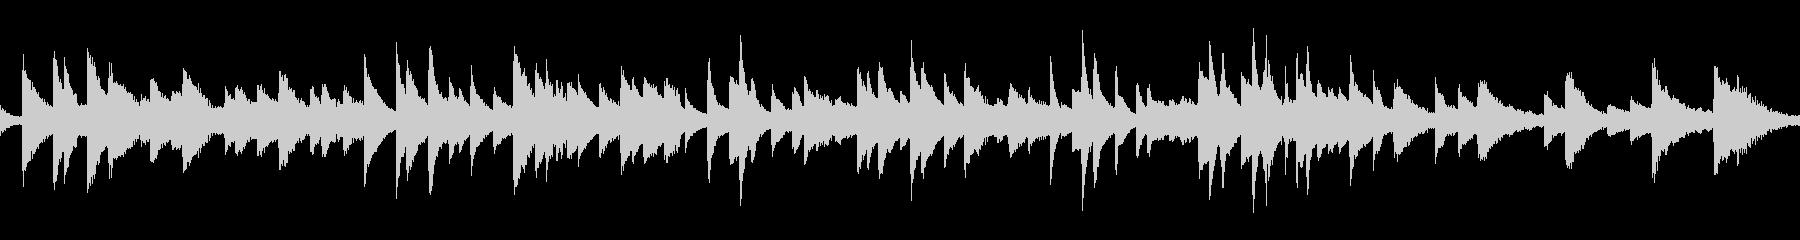 ループ 生ピアノ ソロ  切ないバラードの未再生の波形